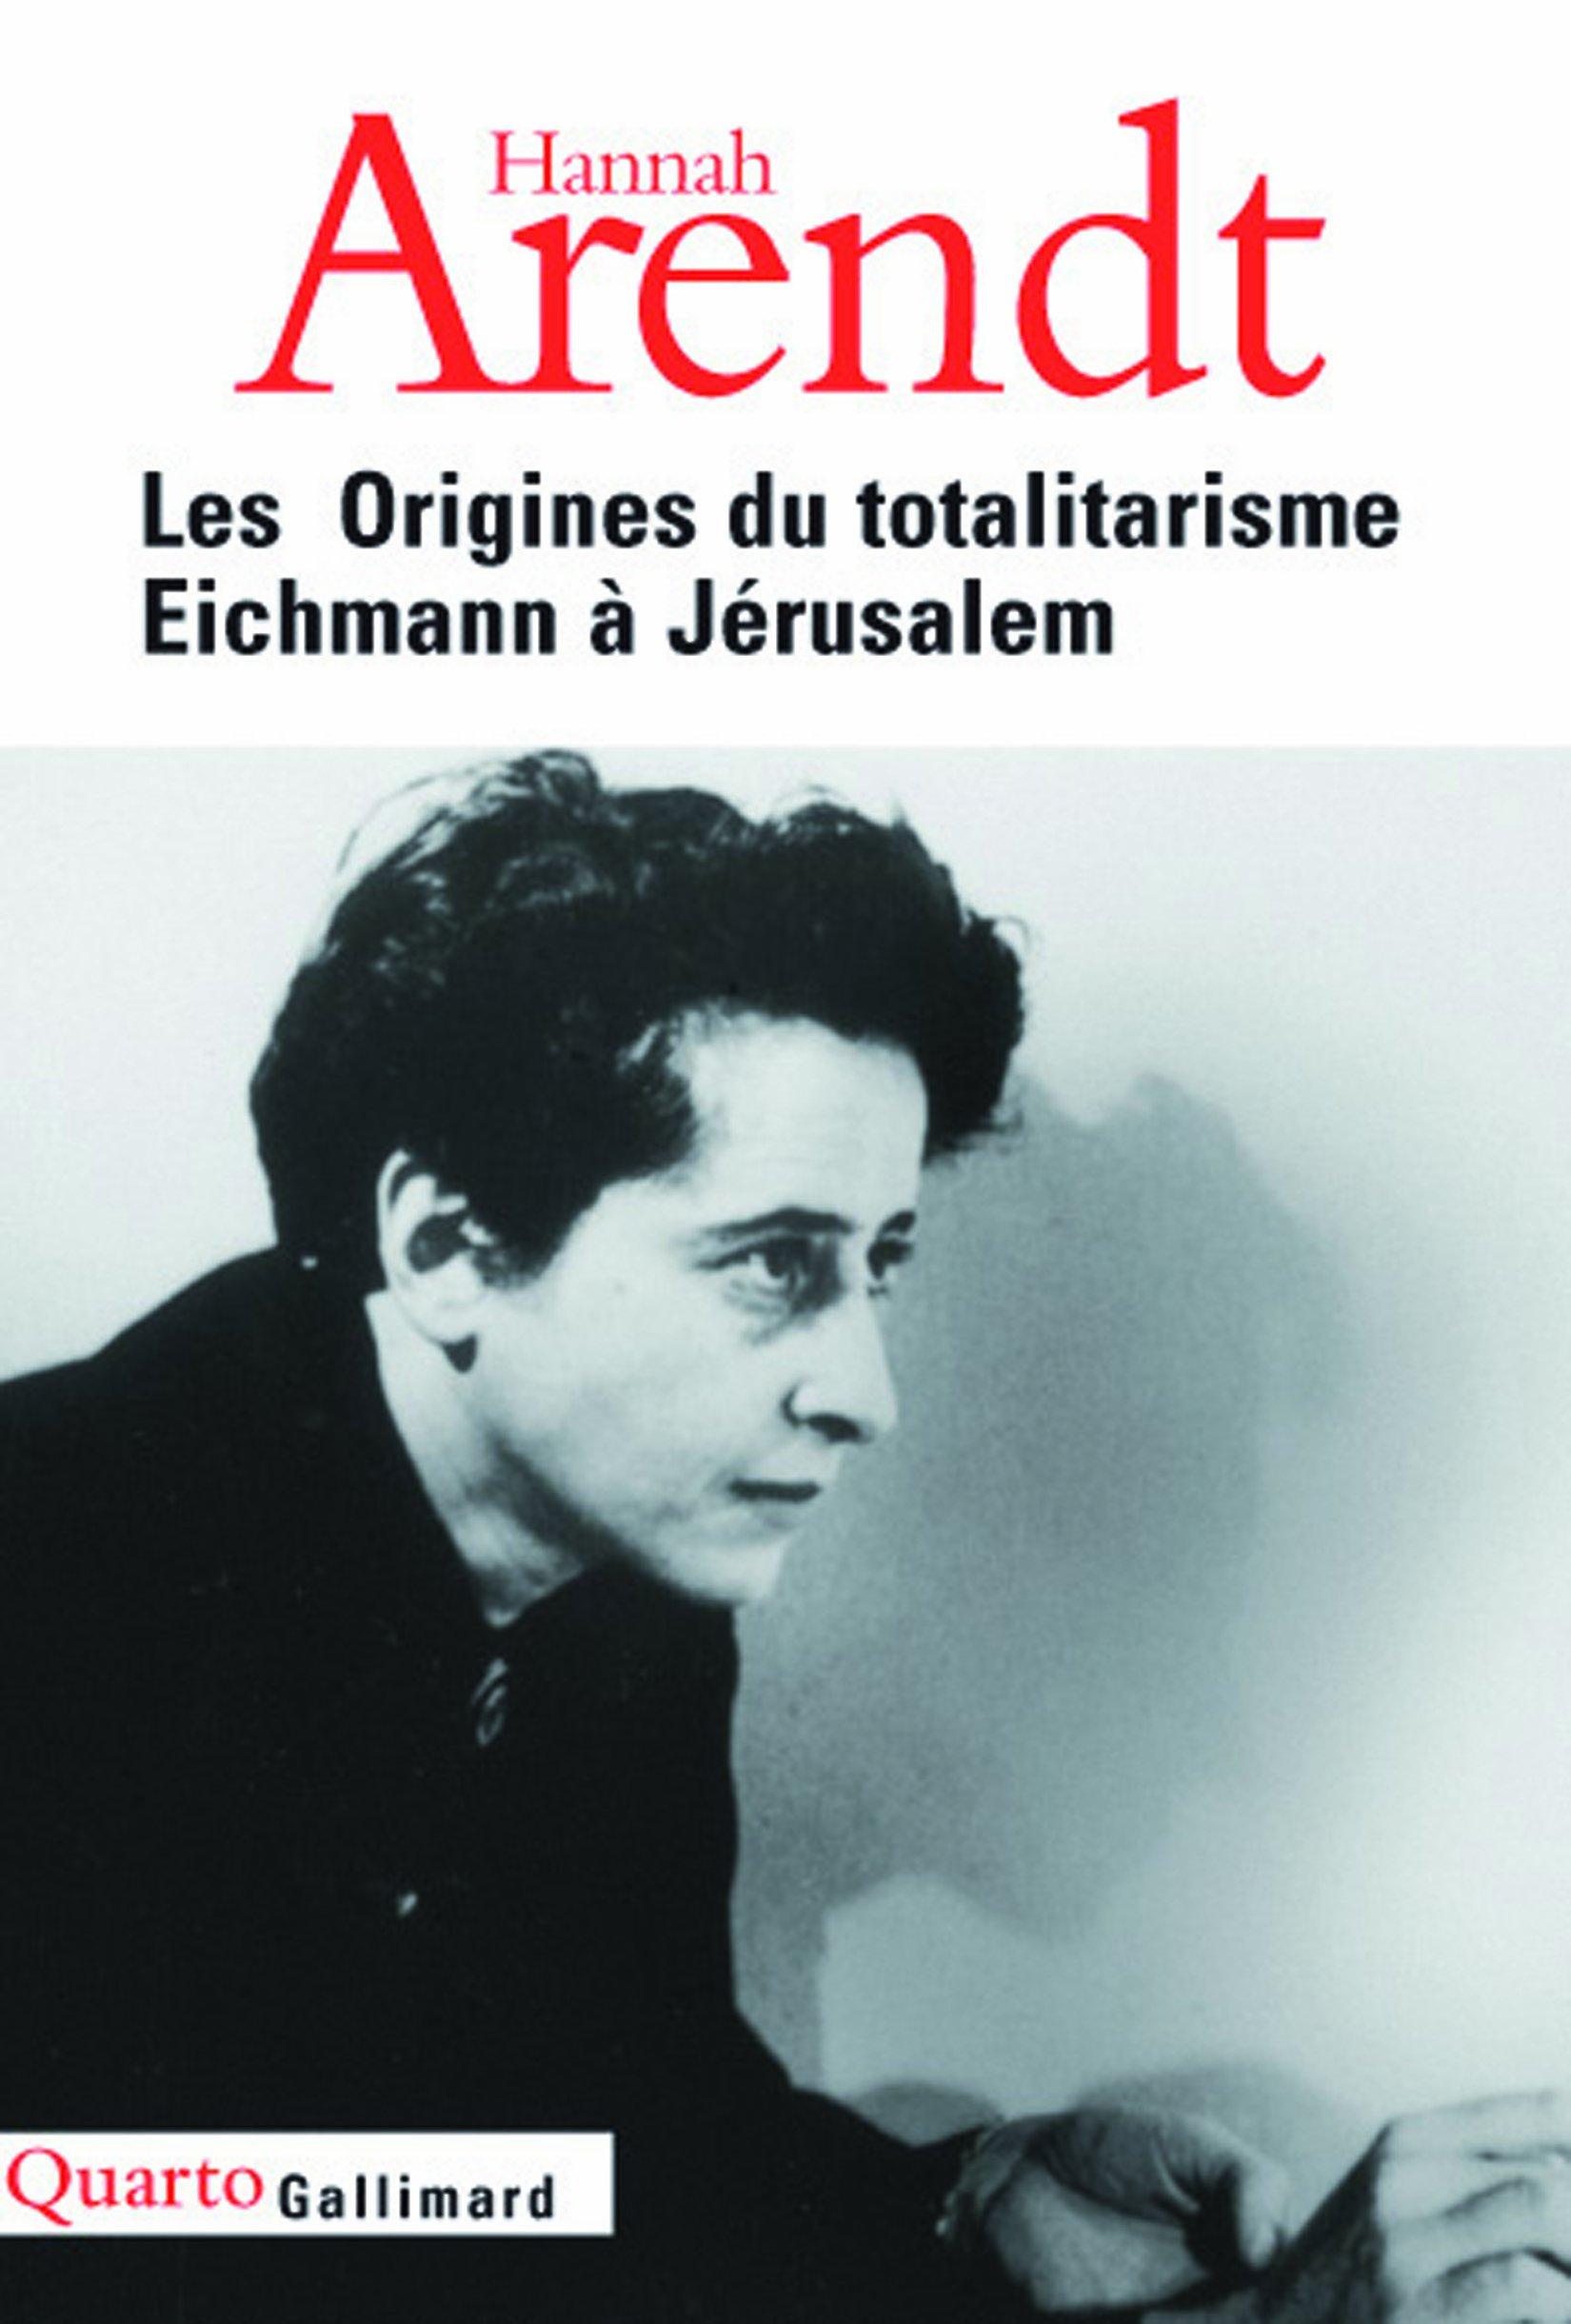 """Résultat de recherche d'images pour """"les origines du totalitarisme hannah arendt"""""""